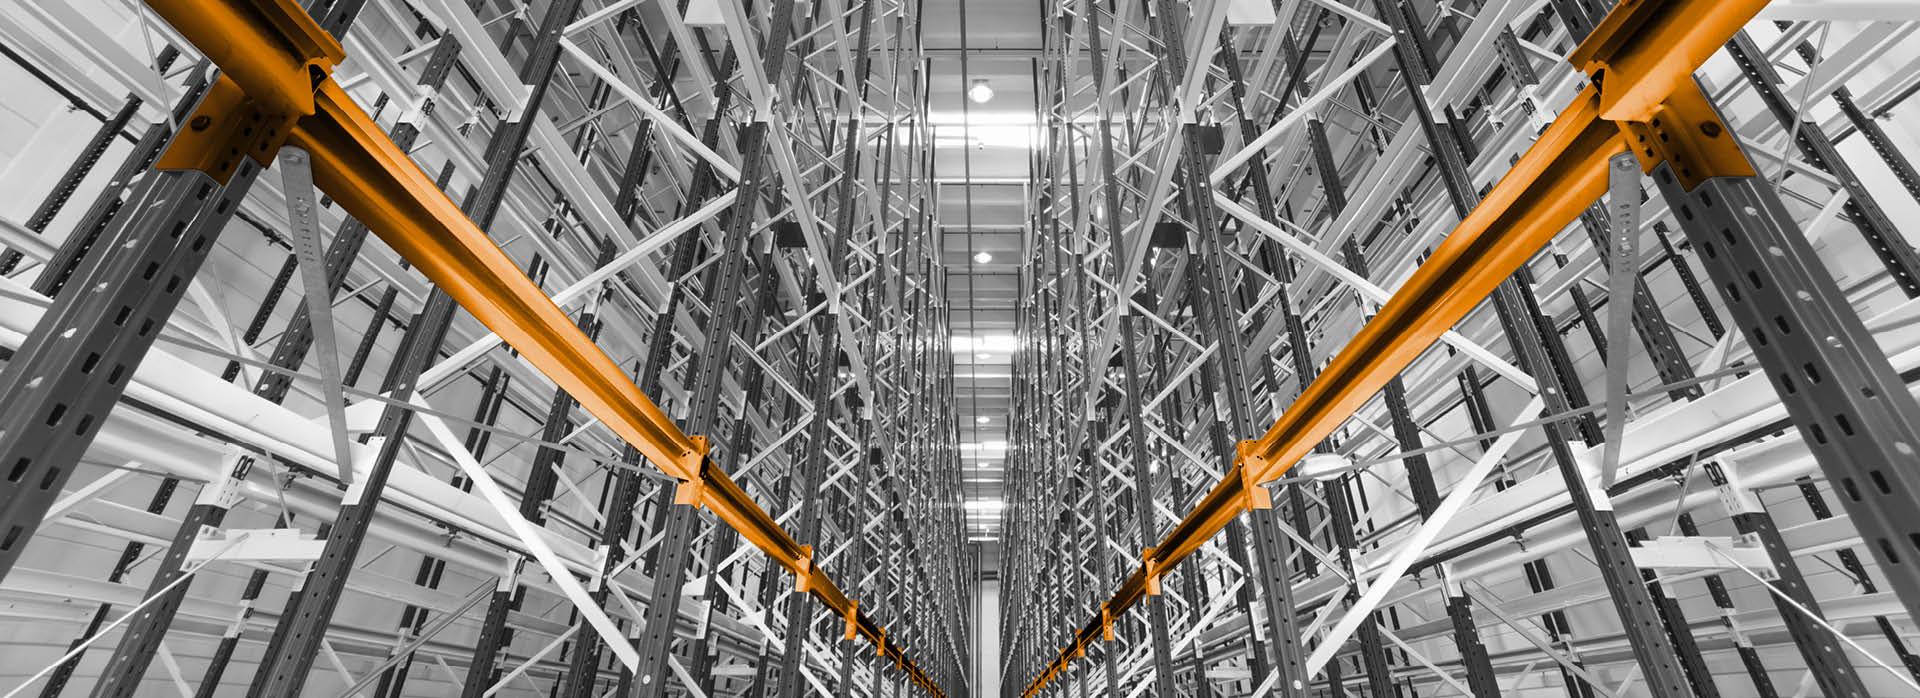 Op zoek naar een baan als Logistiek Manager? Logisch werving en selectie helpt je graag!